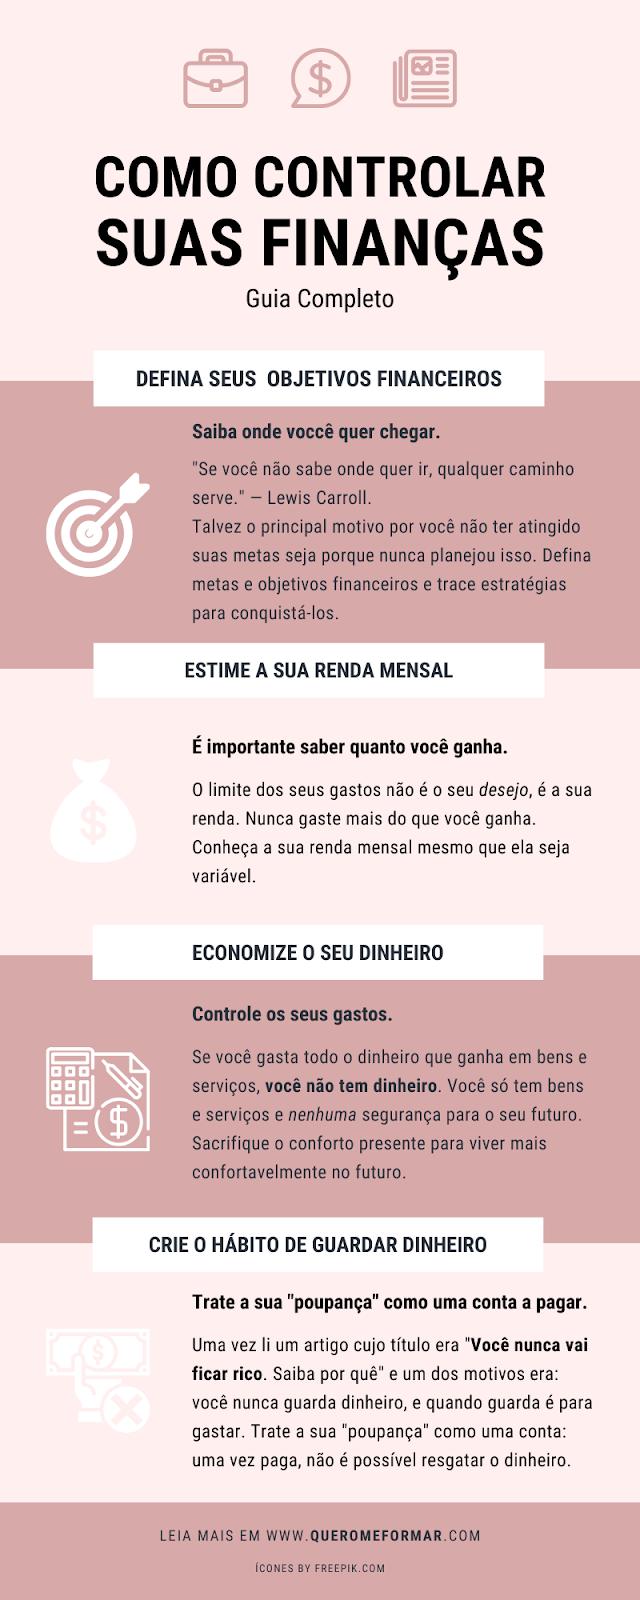 Infográfico O Guia Completo de Como Controlar a Sua Vida Financeira para Atingir Seus Objetivos